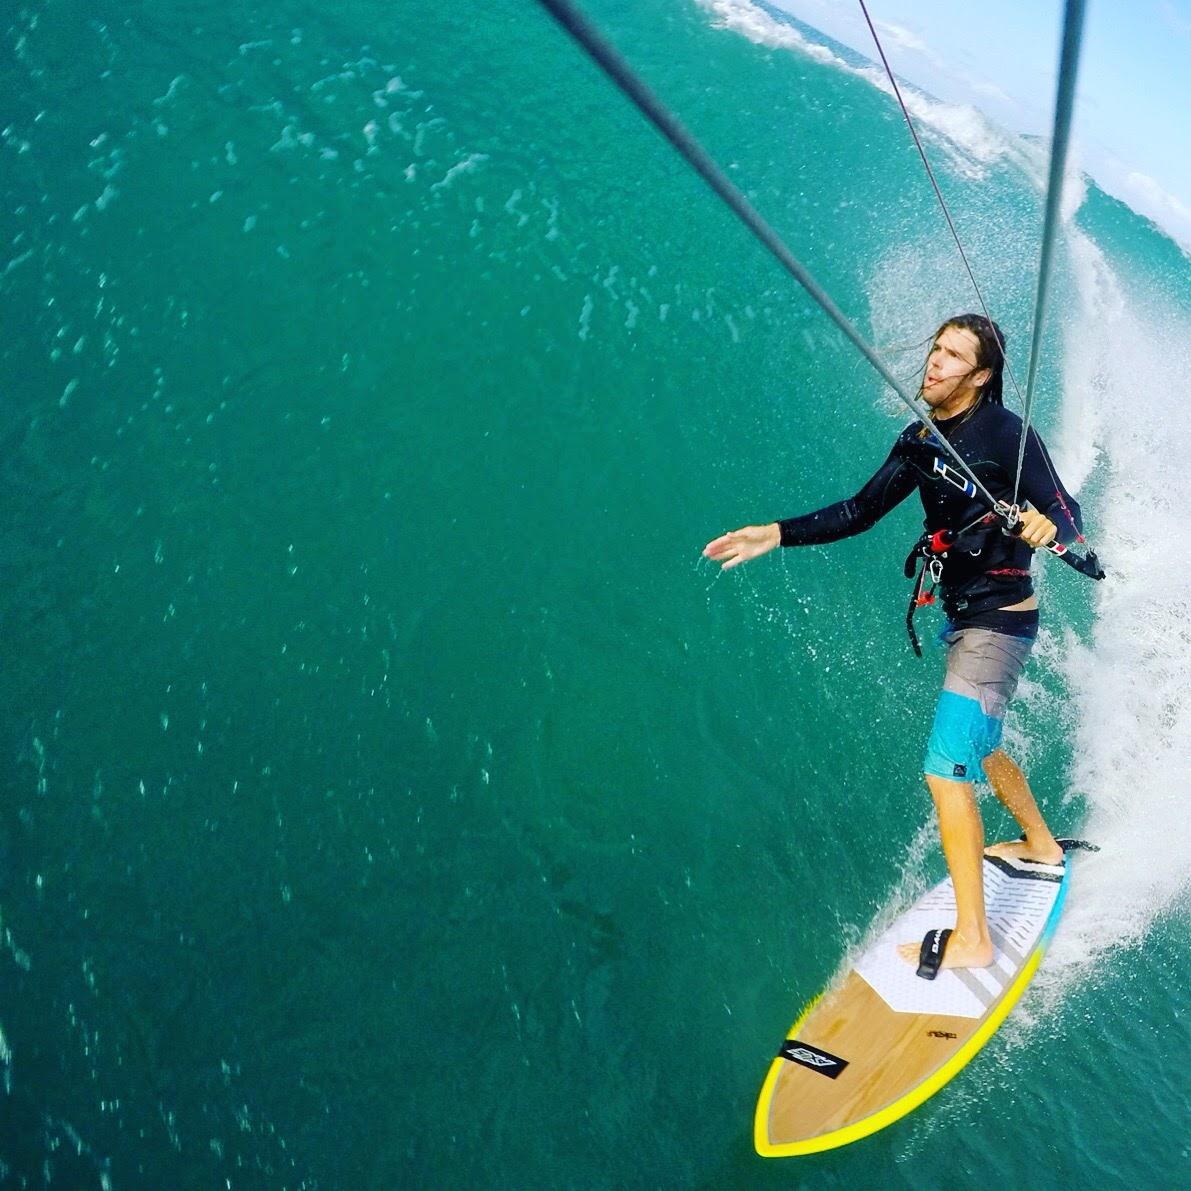 Lahaina Kitesurfing Adventures